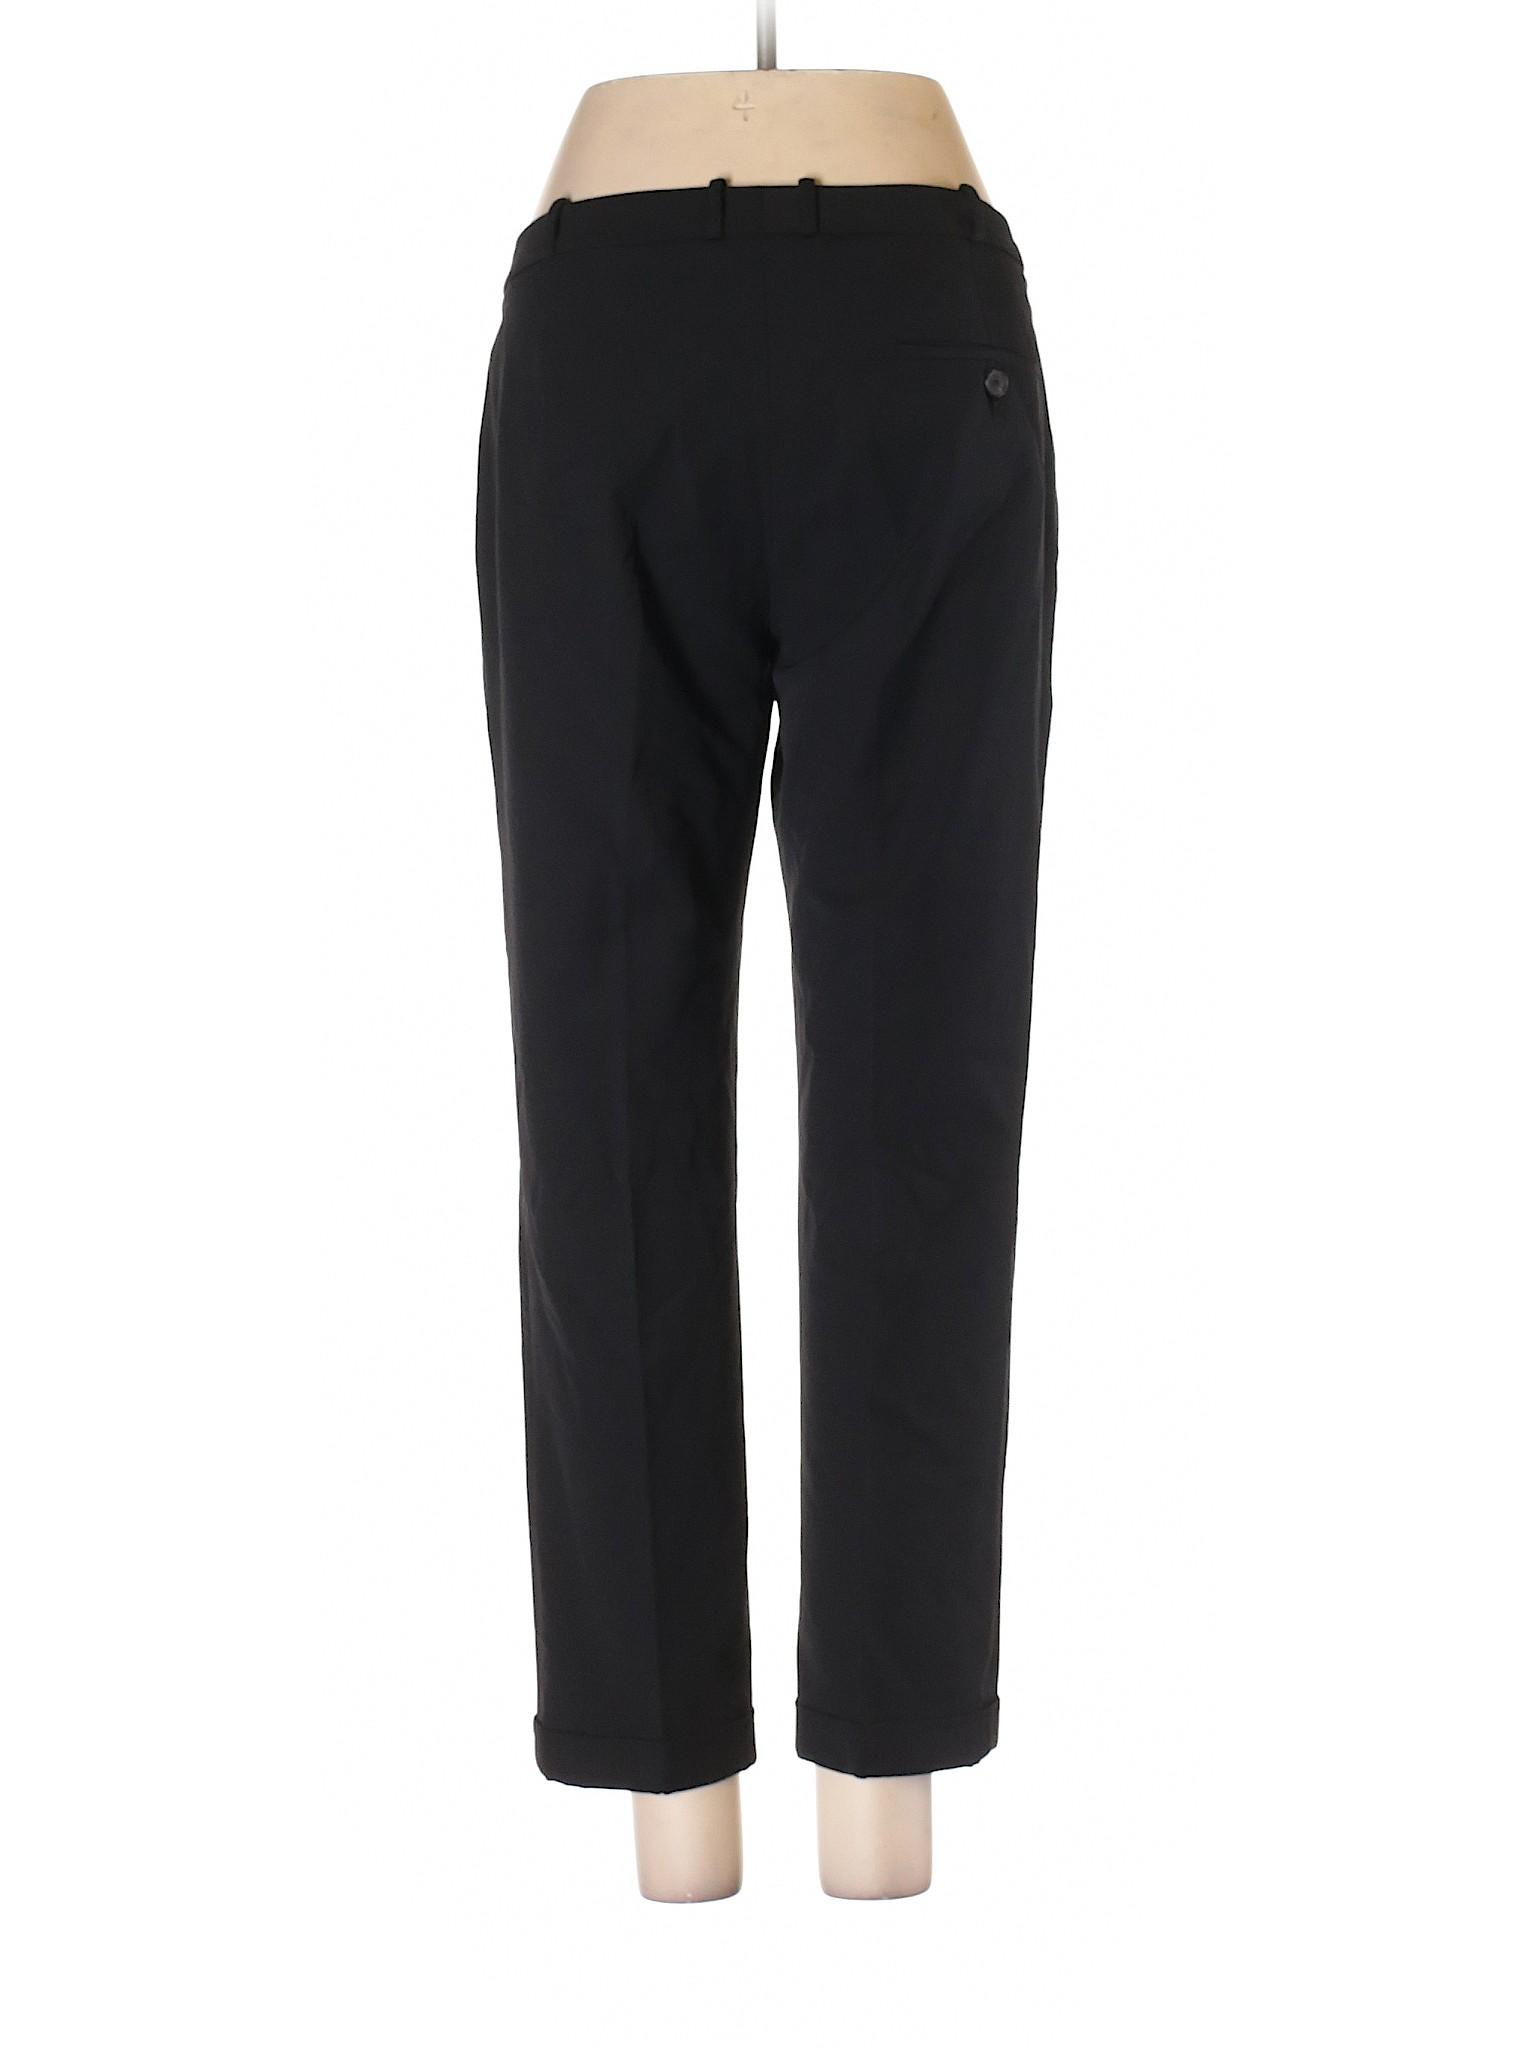 winter Pants Boutique Sander Jil Dress fqwwz8d